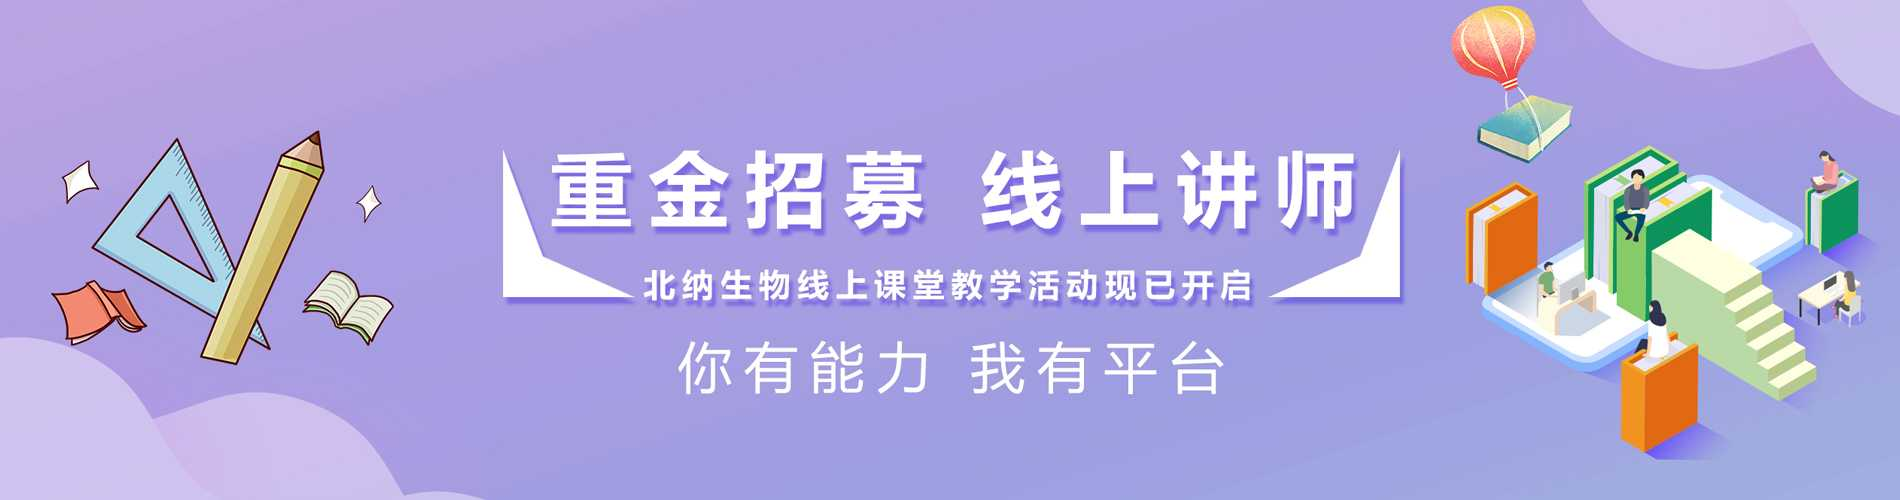 北纳课堂-www.biaowu.com北纳生物